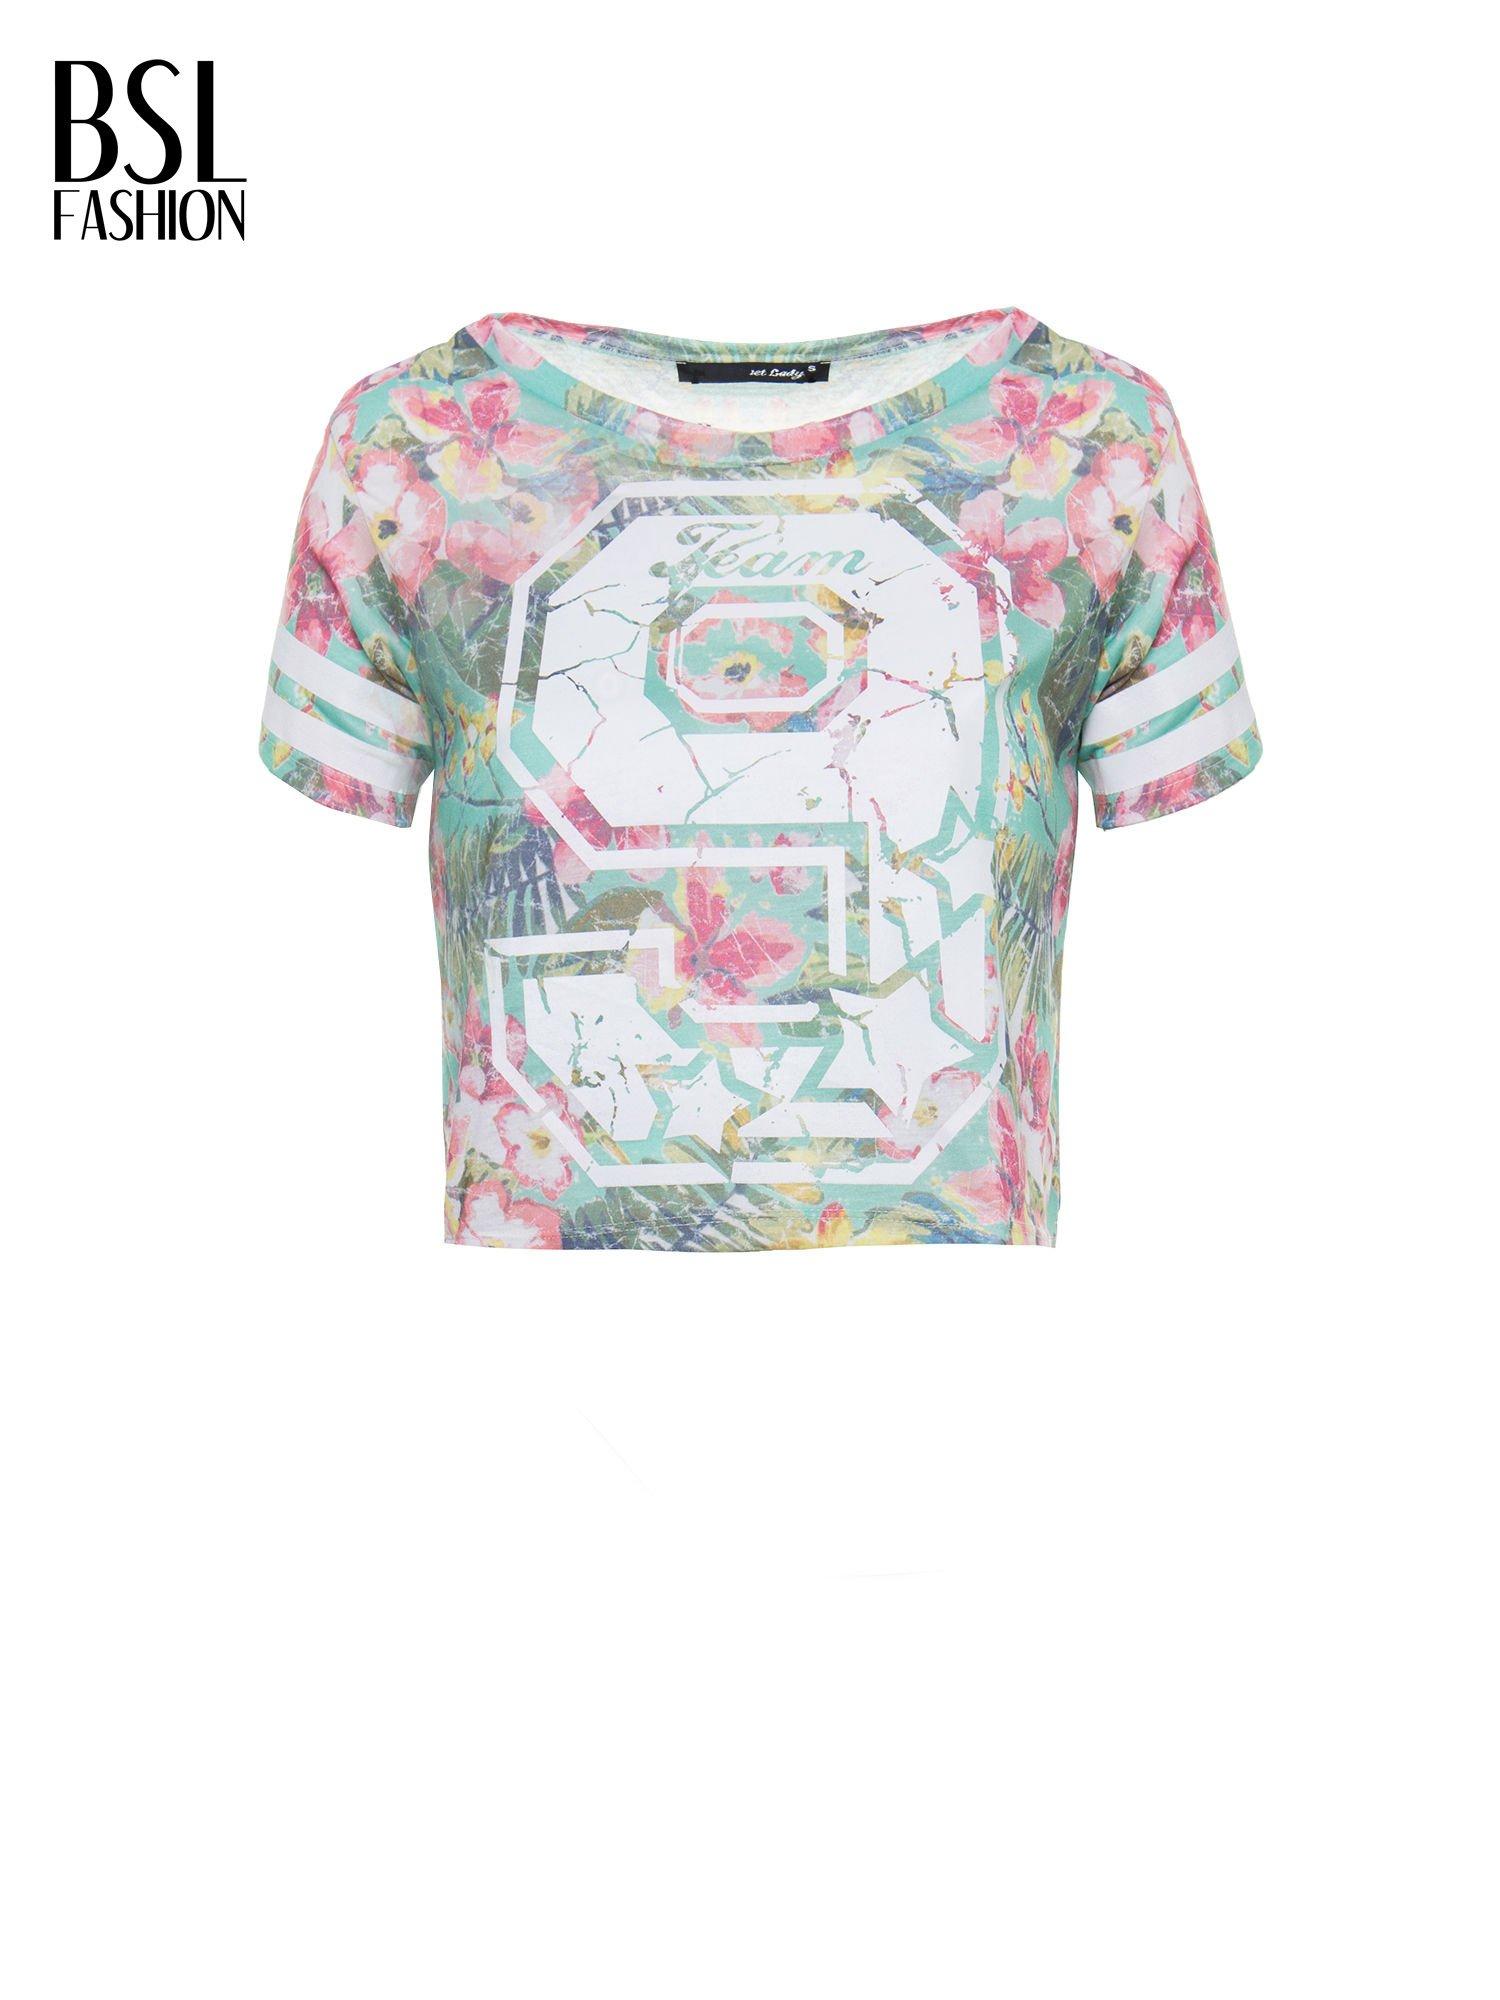 Kwiatowy t-shirt typu crop top z numerkiem                                  zdj.                                  2